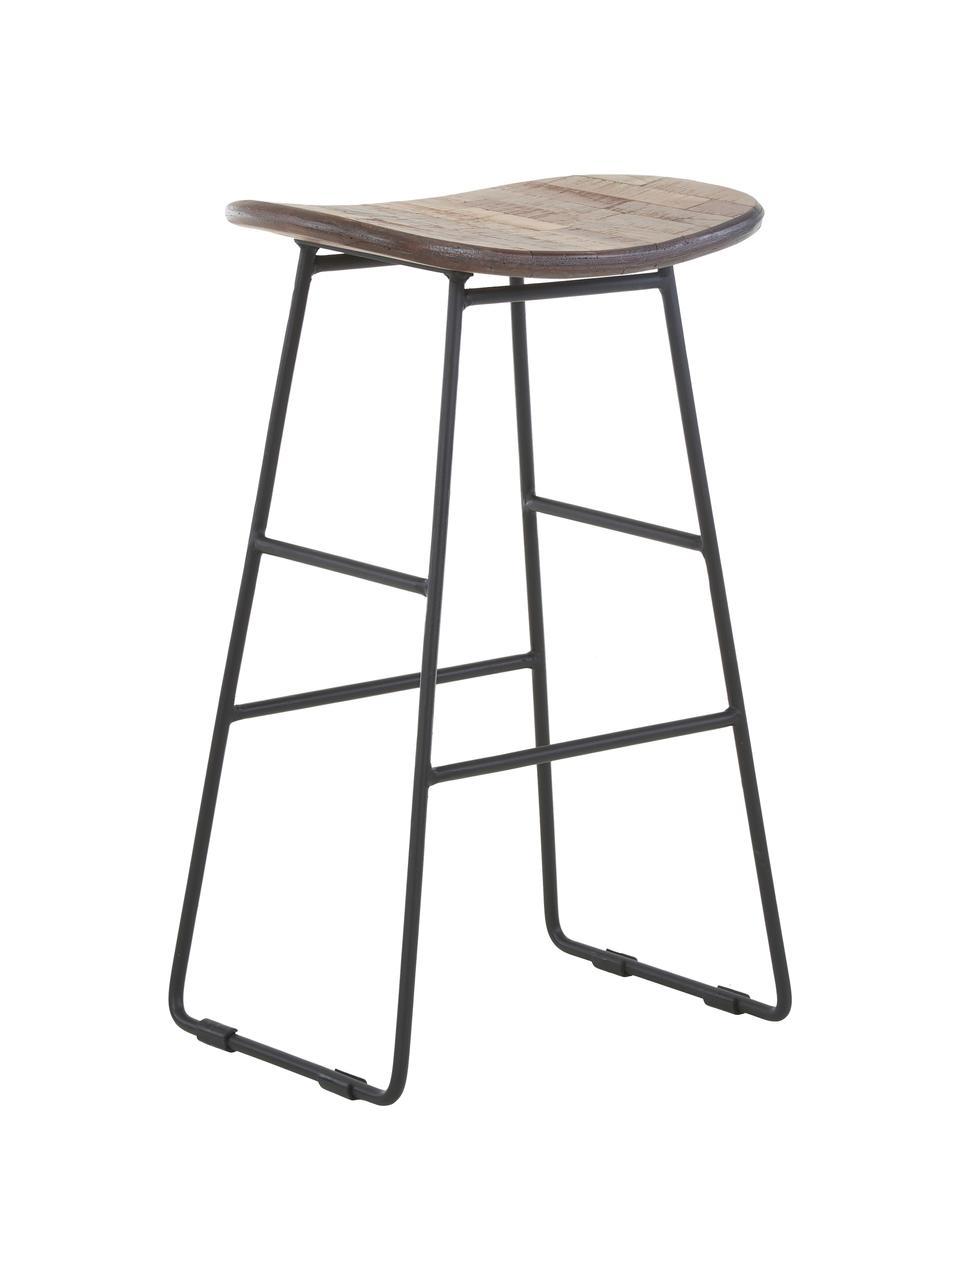 Stołek kontuarowy z drewna tekowego i metalu Tangle, Nogi: metal malowany proszkowo, Brązowy, S 40 x W 65 cm